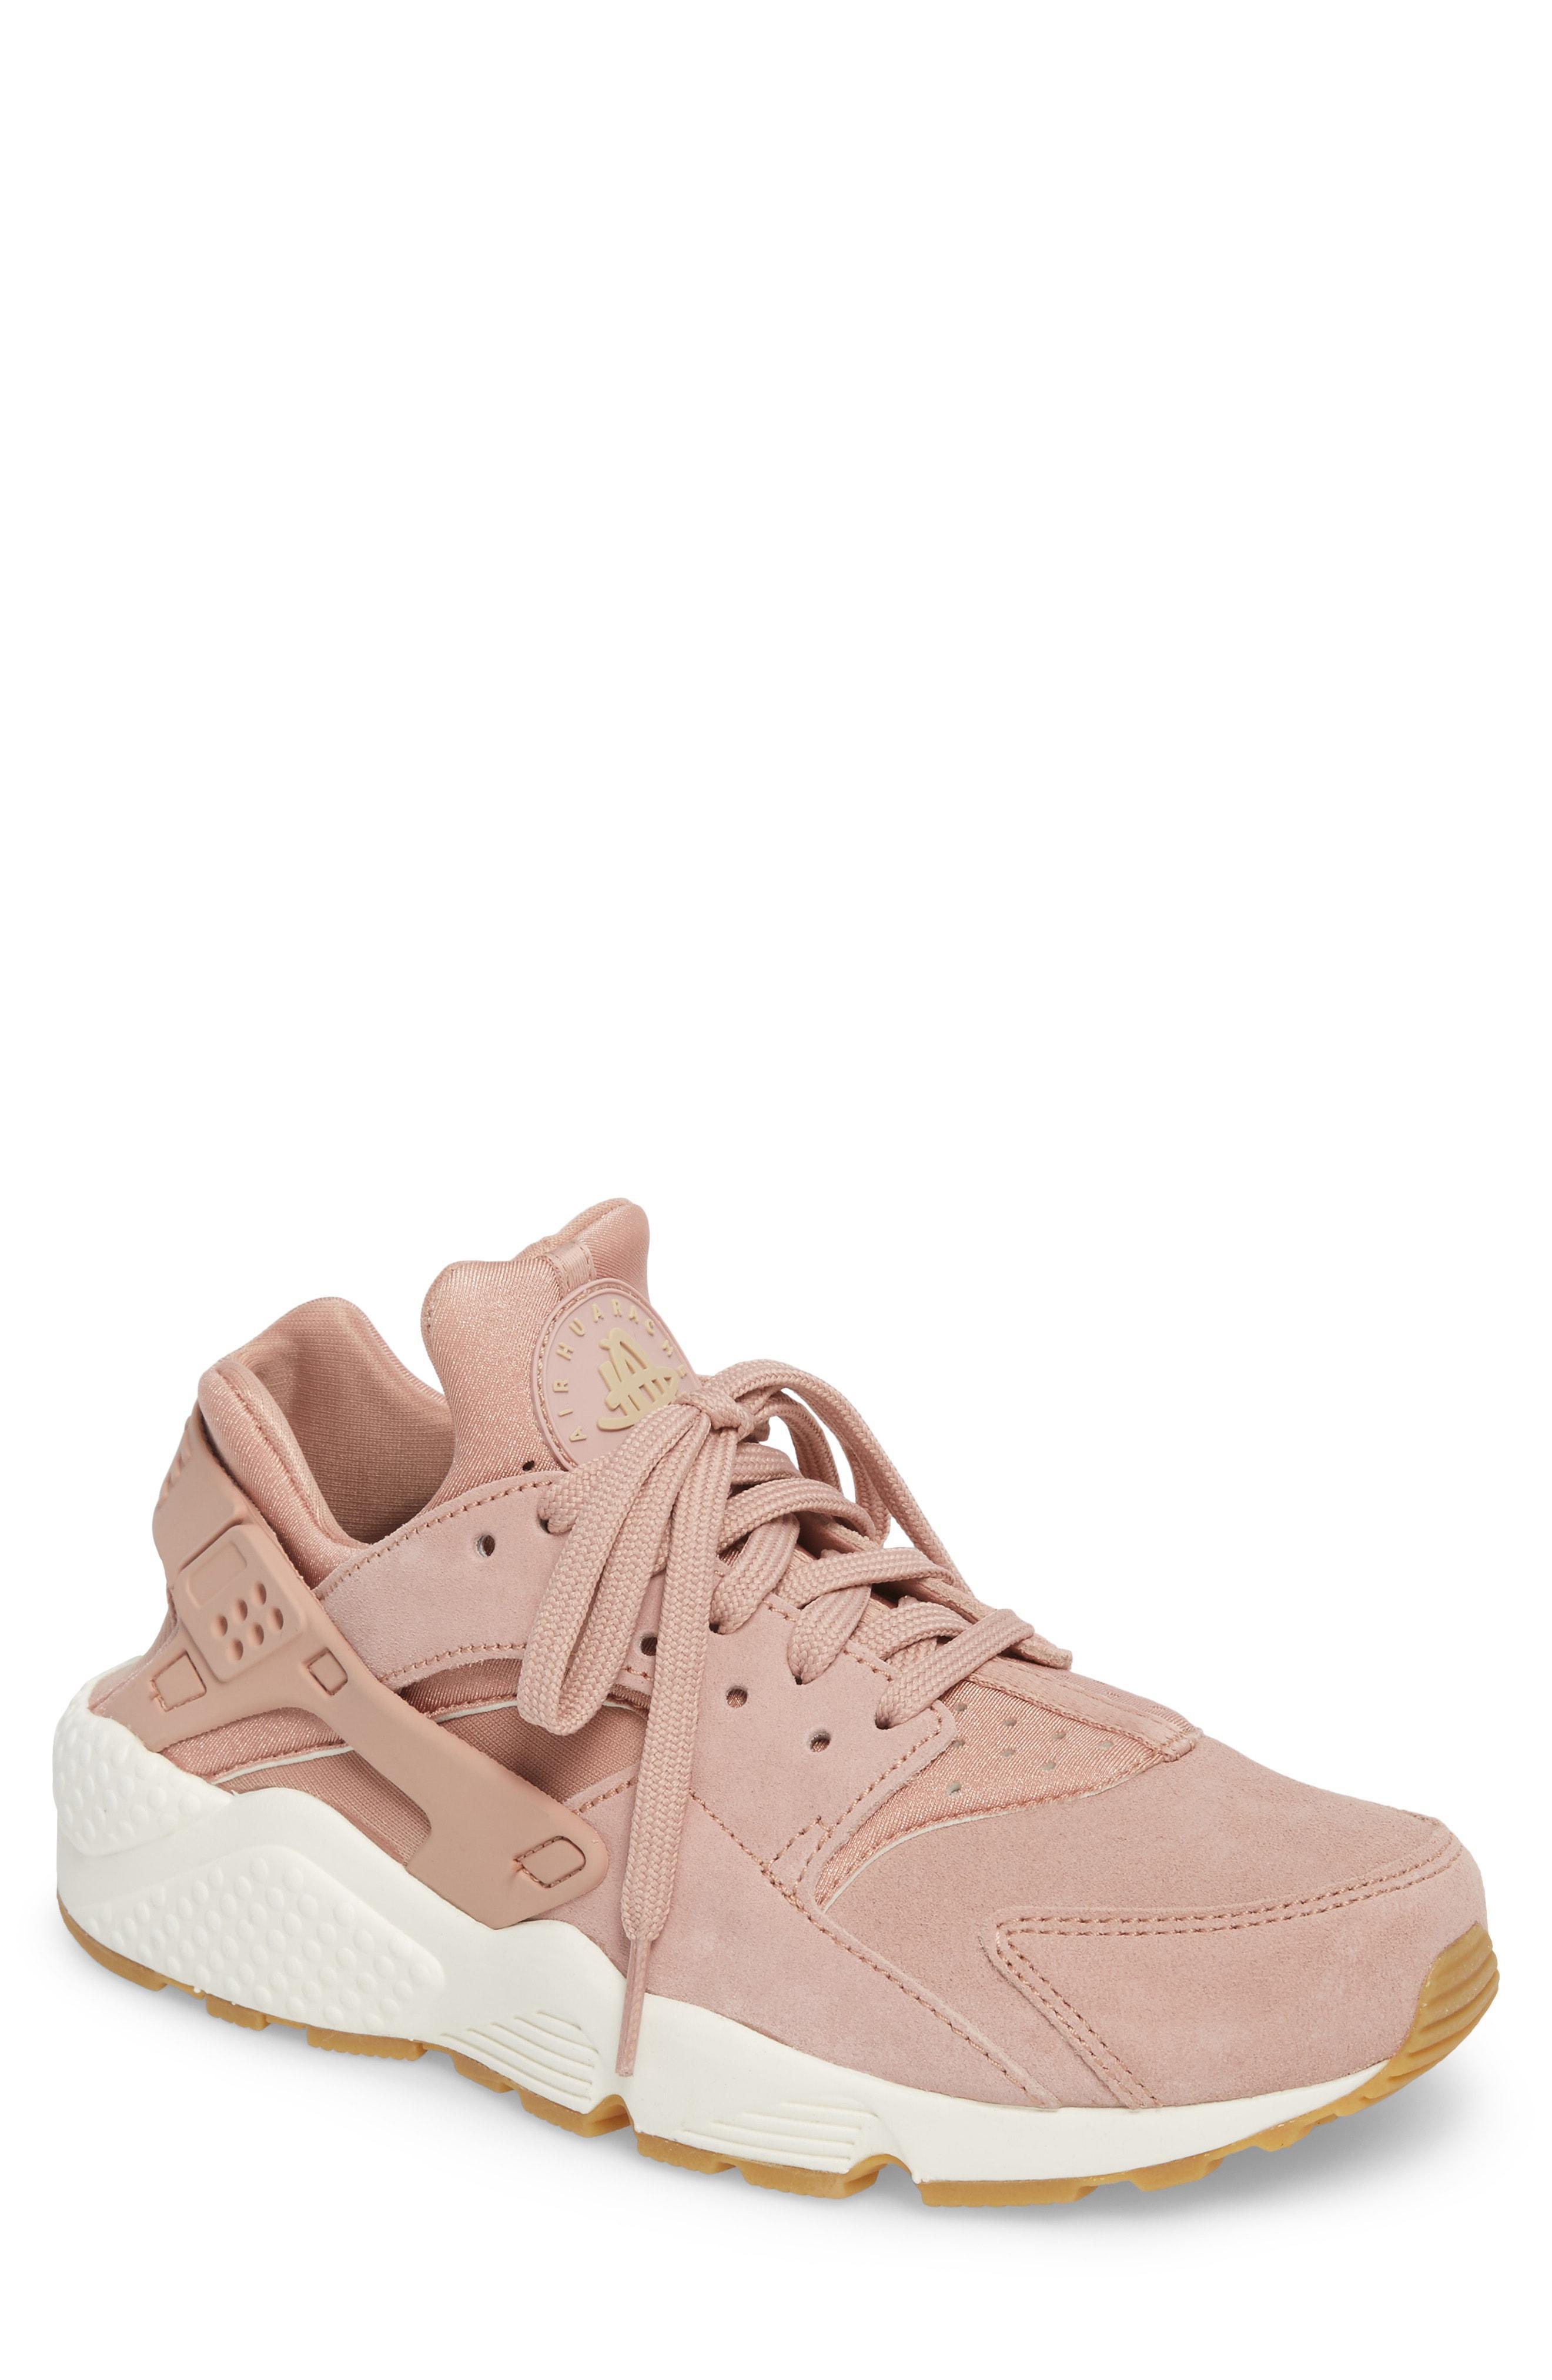 5b3154842c3ce Nike Air Huarache Run Sd Sneaker In Particle Pink  Mushroom  Sail ...